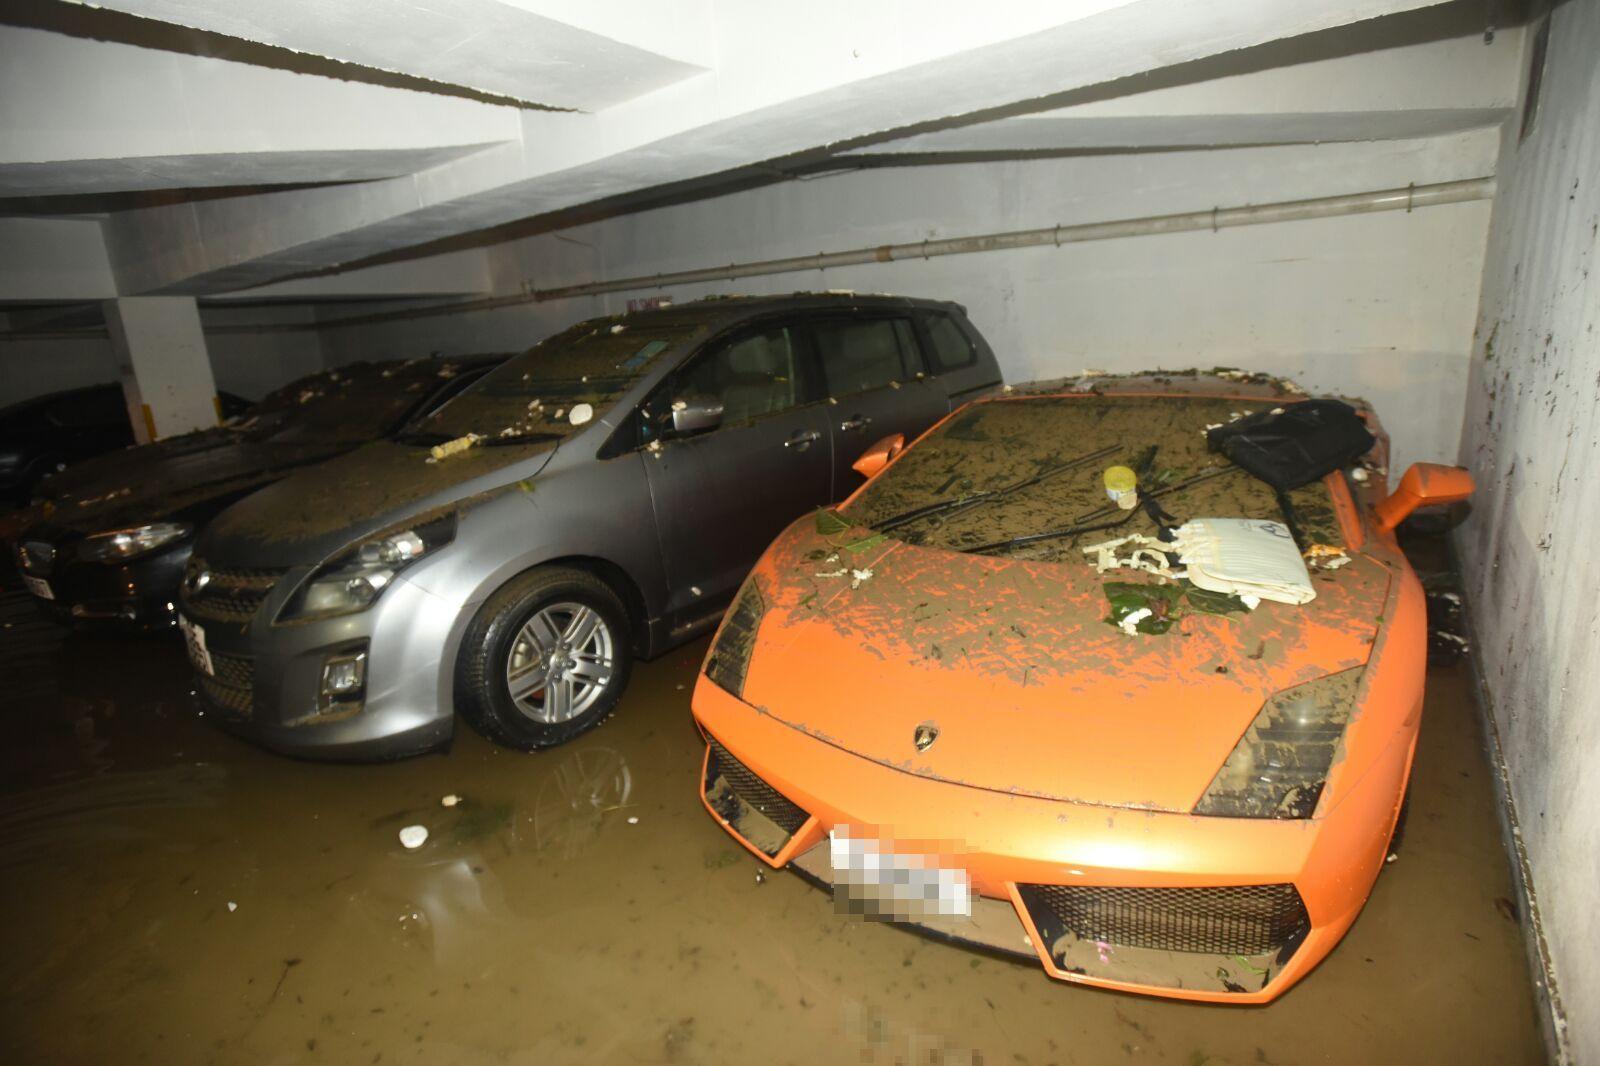 價值逾250萬元的林寶堅尼跑車(右)。徐裕民攝